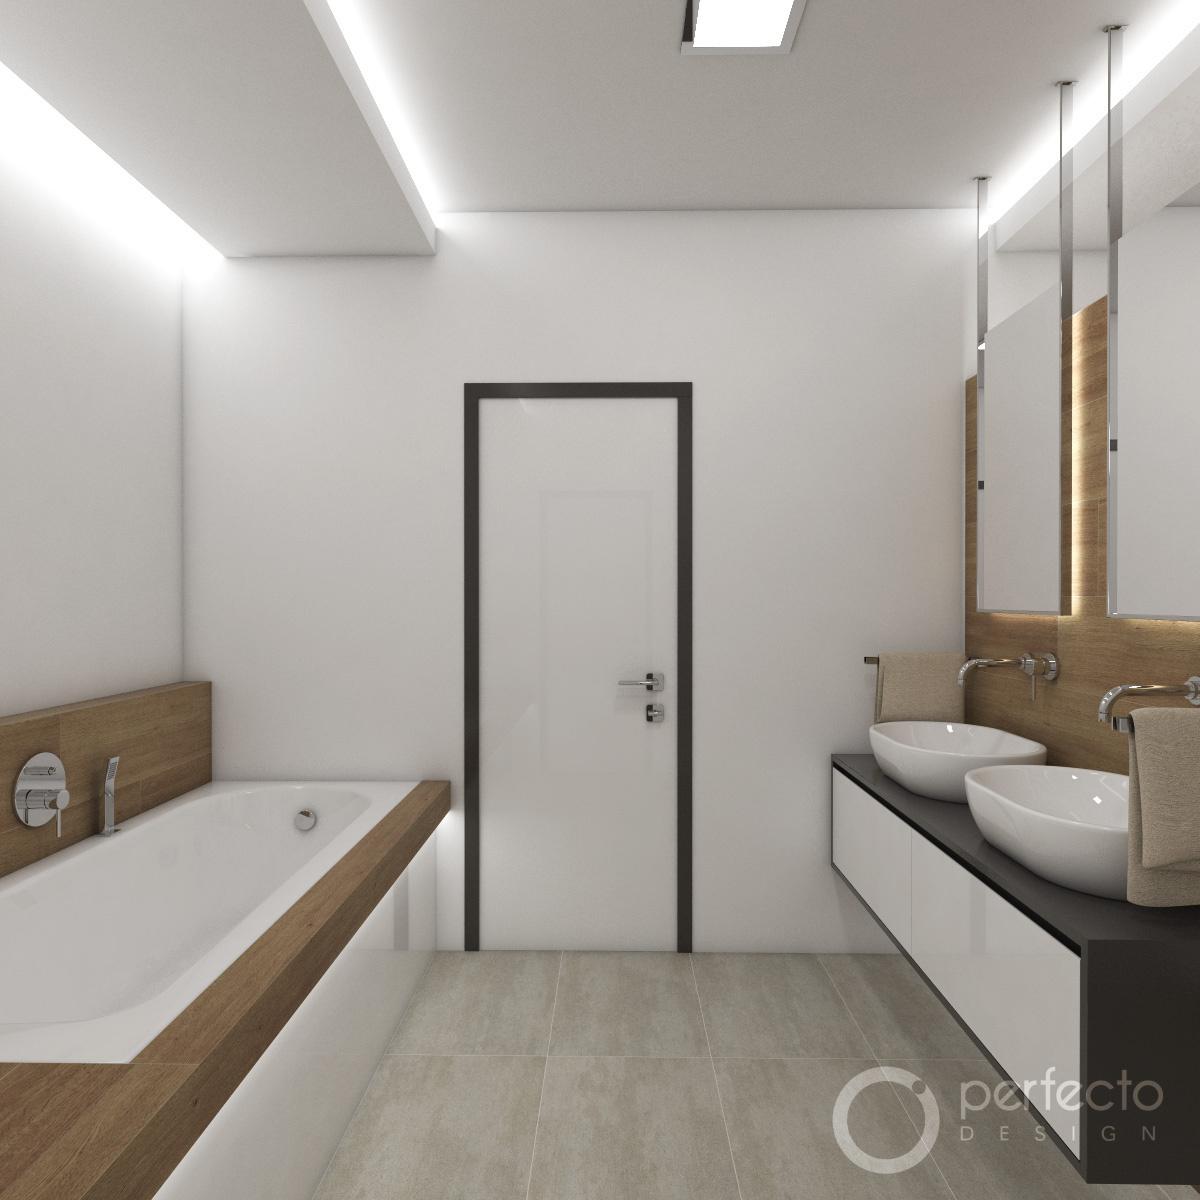 modernes badezimmer kyoto perfecto design. Black Bedroom Furniture Sets. Home Design Ideas